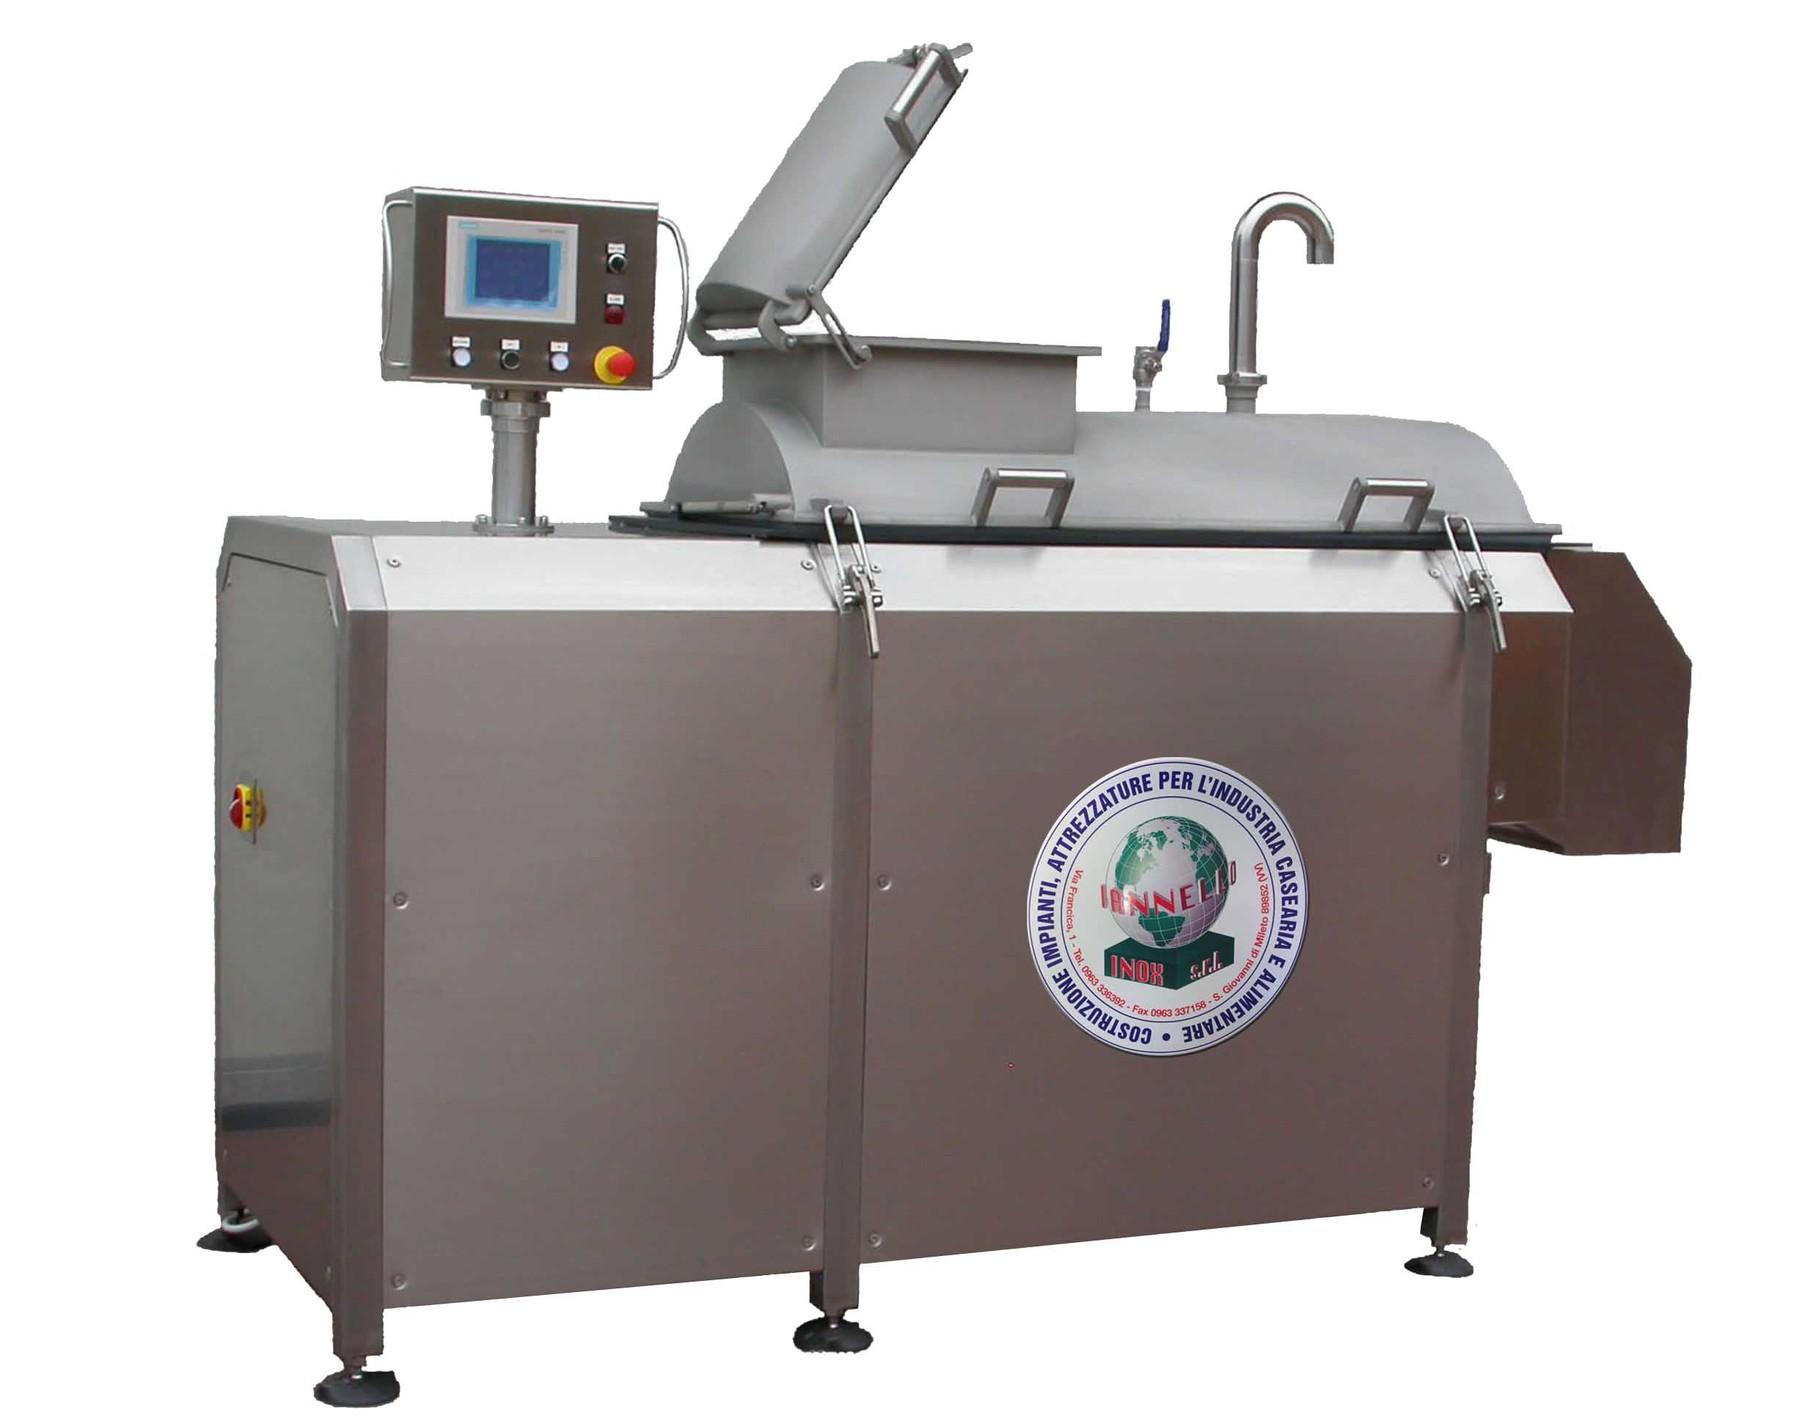 Cuocitore macchine per l 39 industria casearia alimentare - Macchine per il sottovuoto alimentare ...